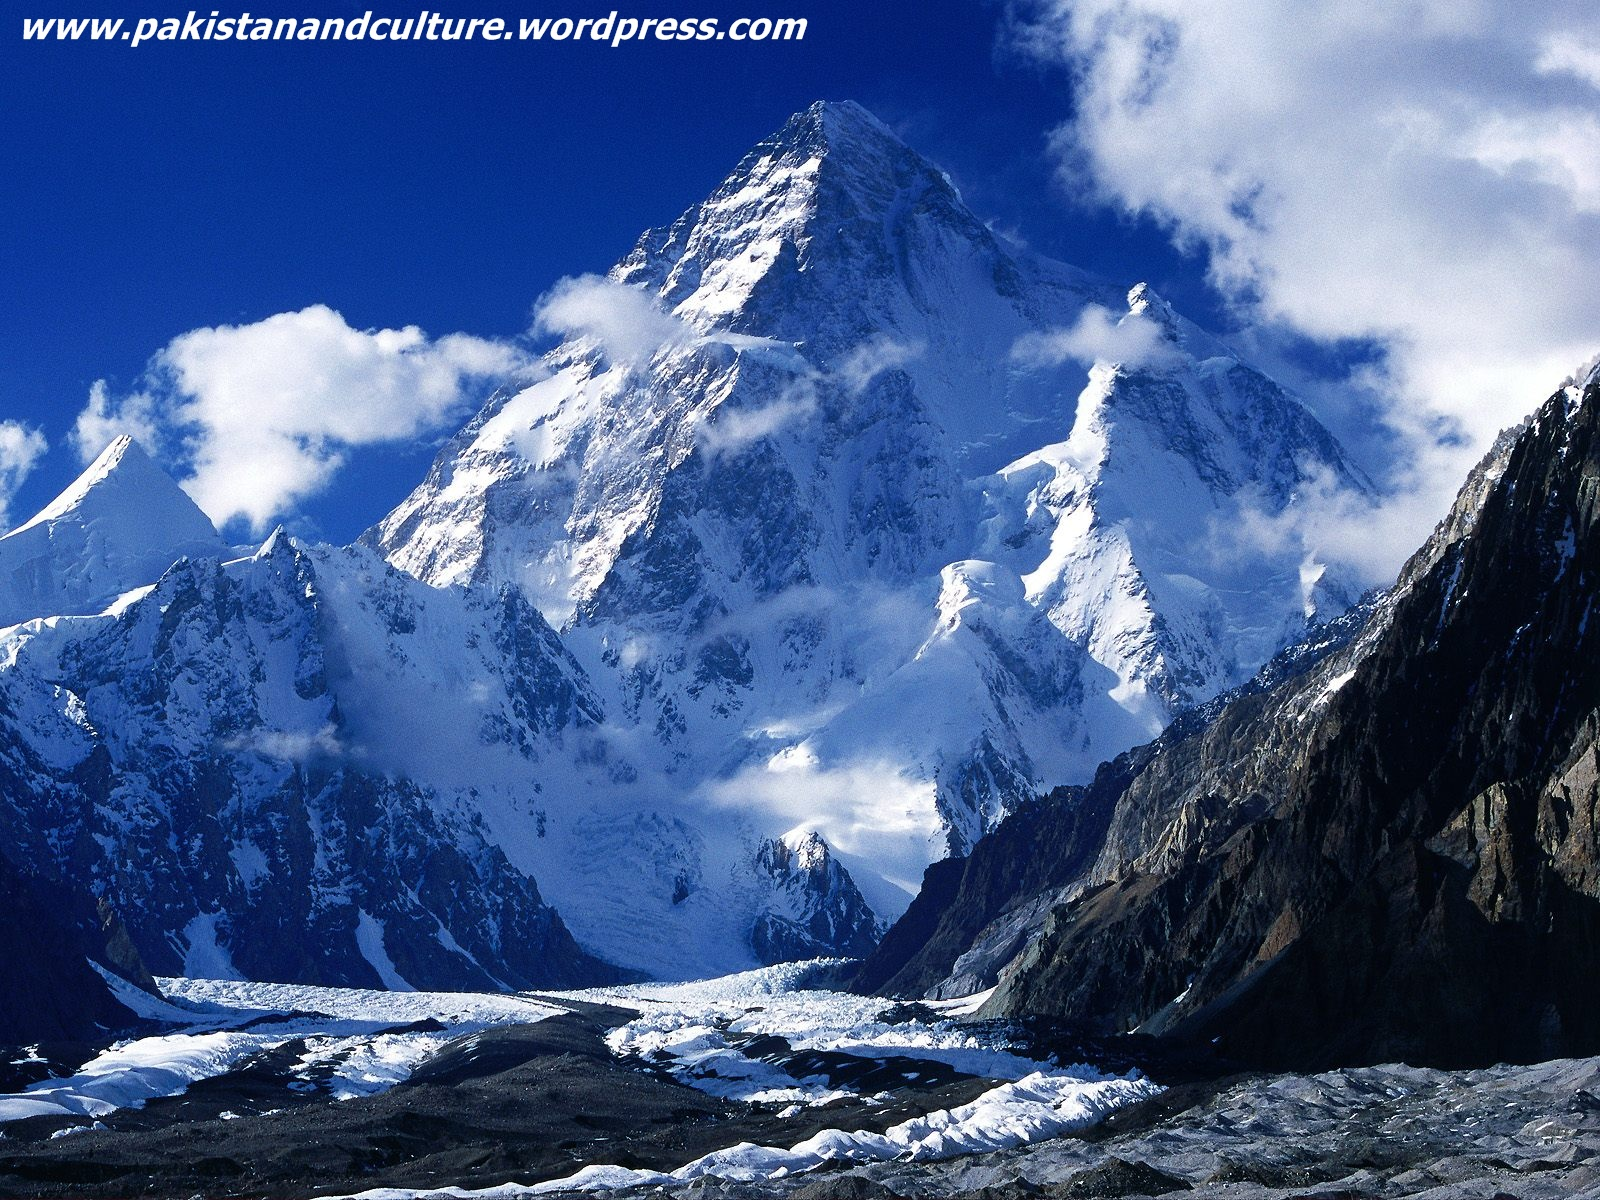 Beautiful Places Of Pakistan Pakistan And Pakistanis Pakistani Girls